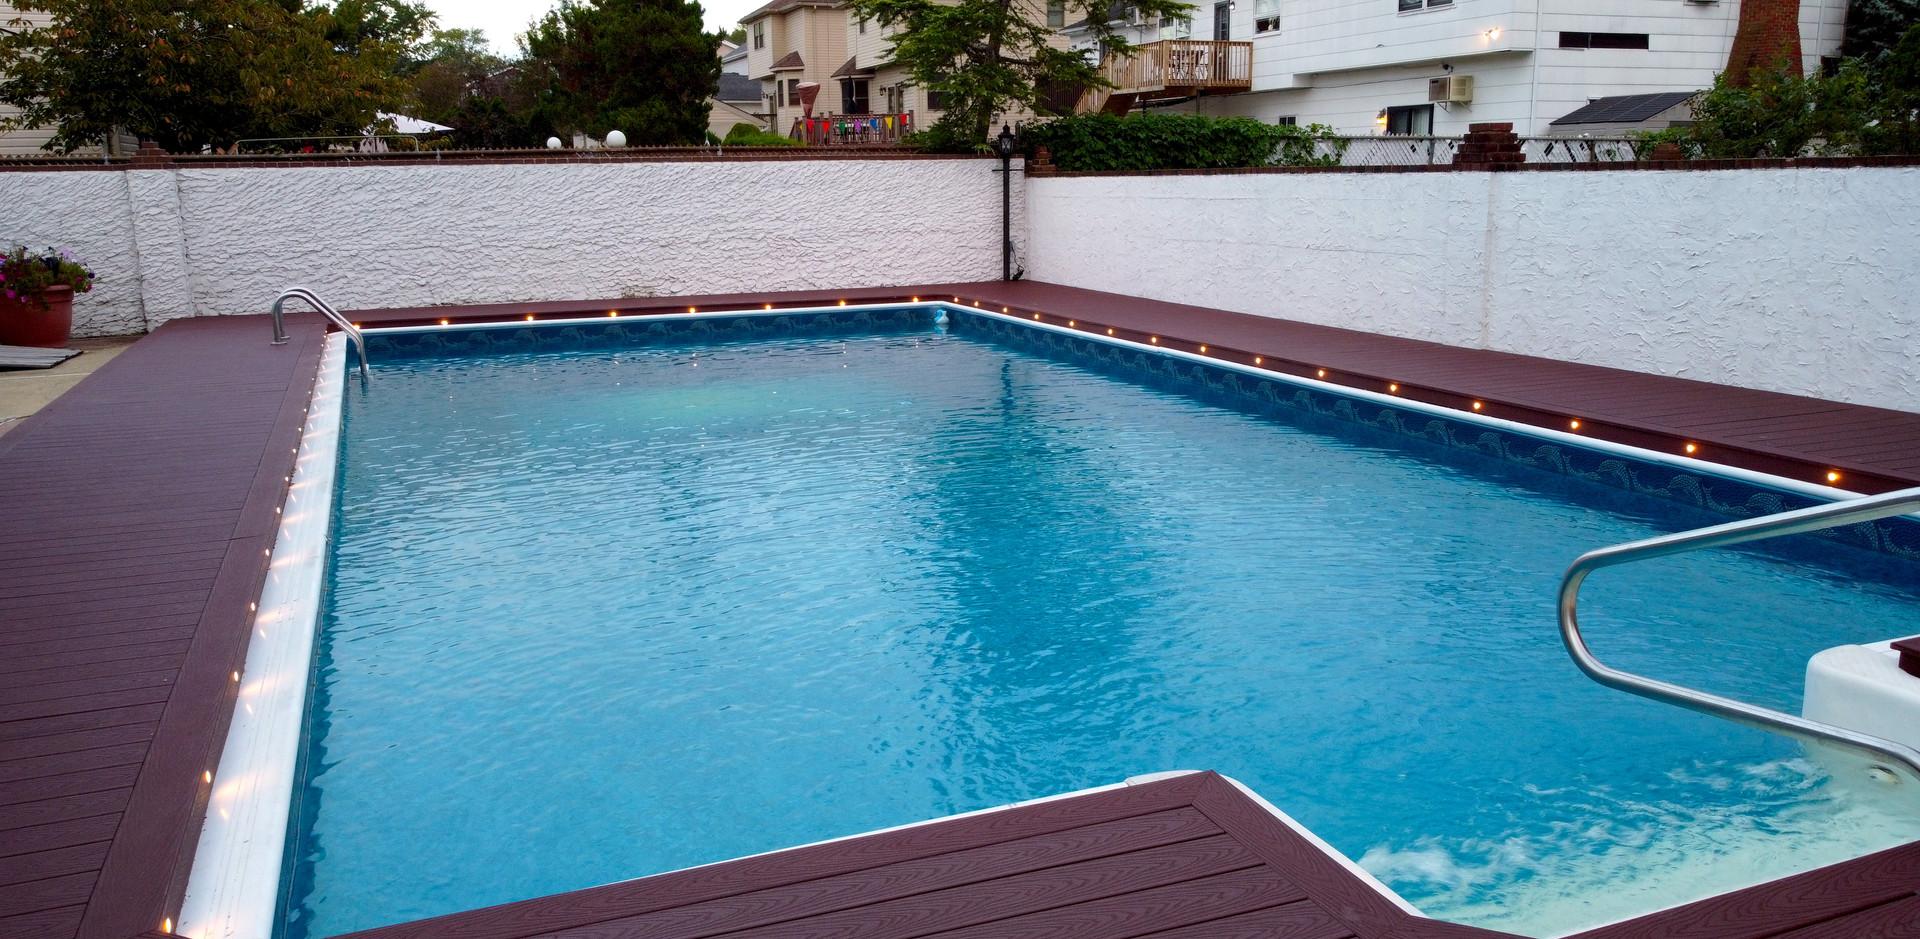 in-ground-pool-deck-lights.JPG